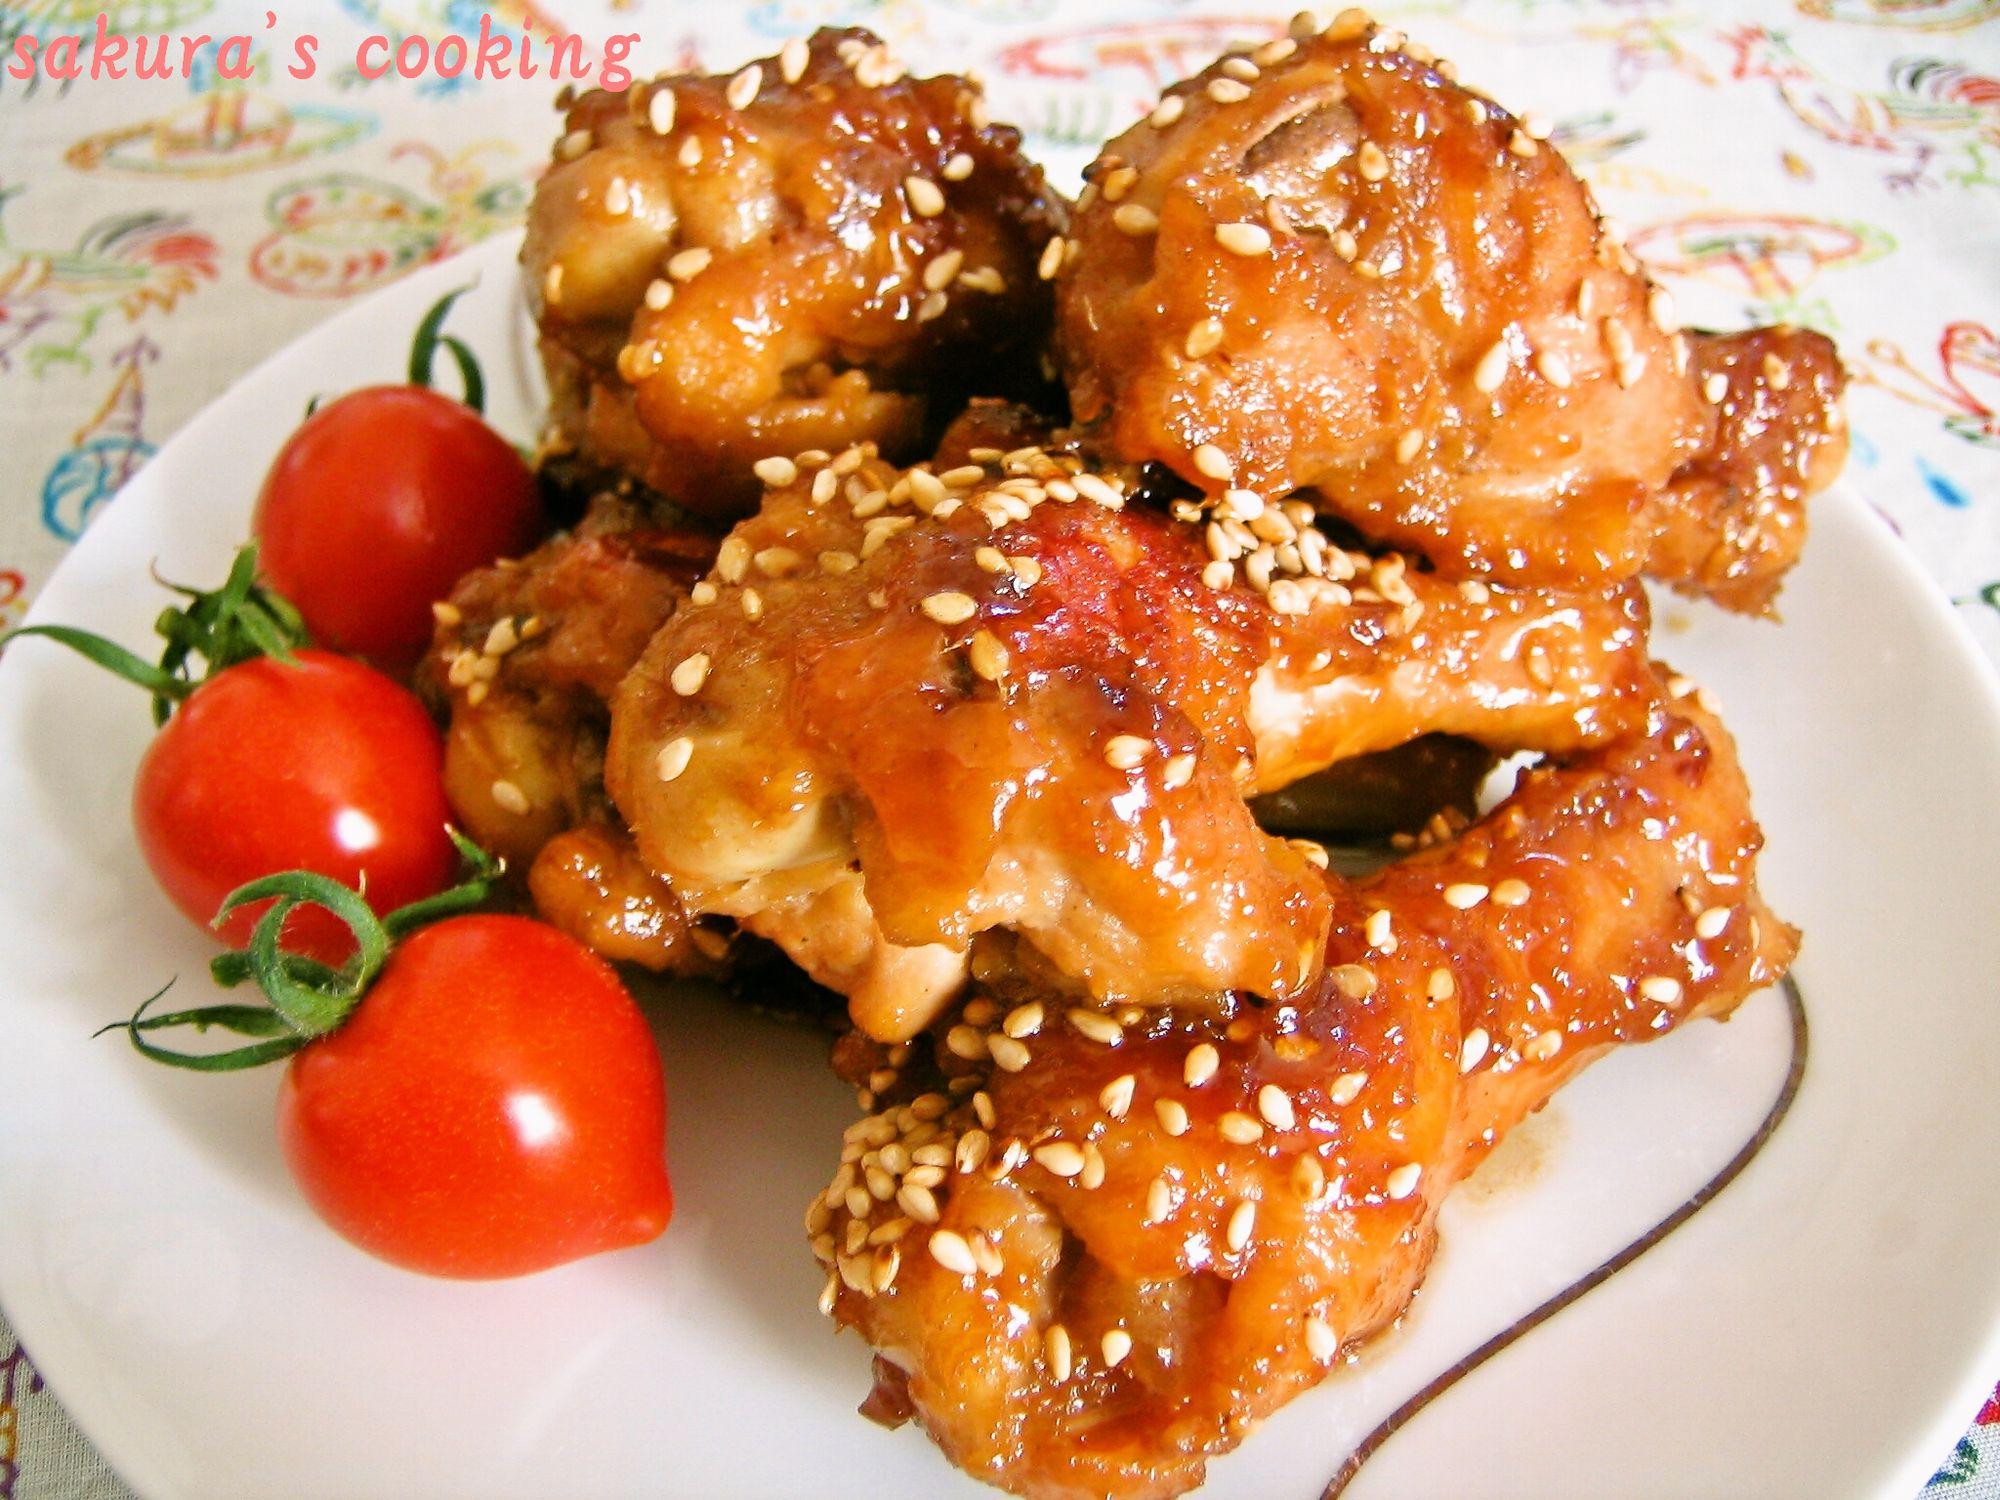 鶏肉で人気の部位〈手羽元〉を食べればツヤツヤお肌になれる?のサムネイル画像